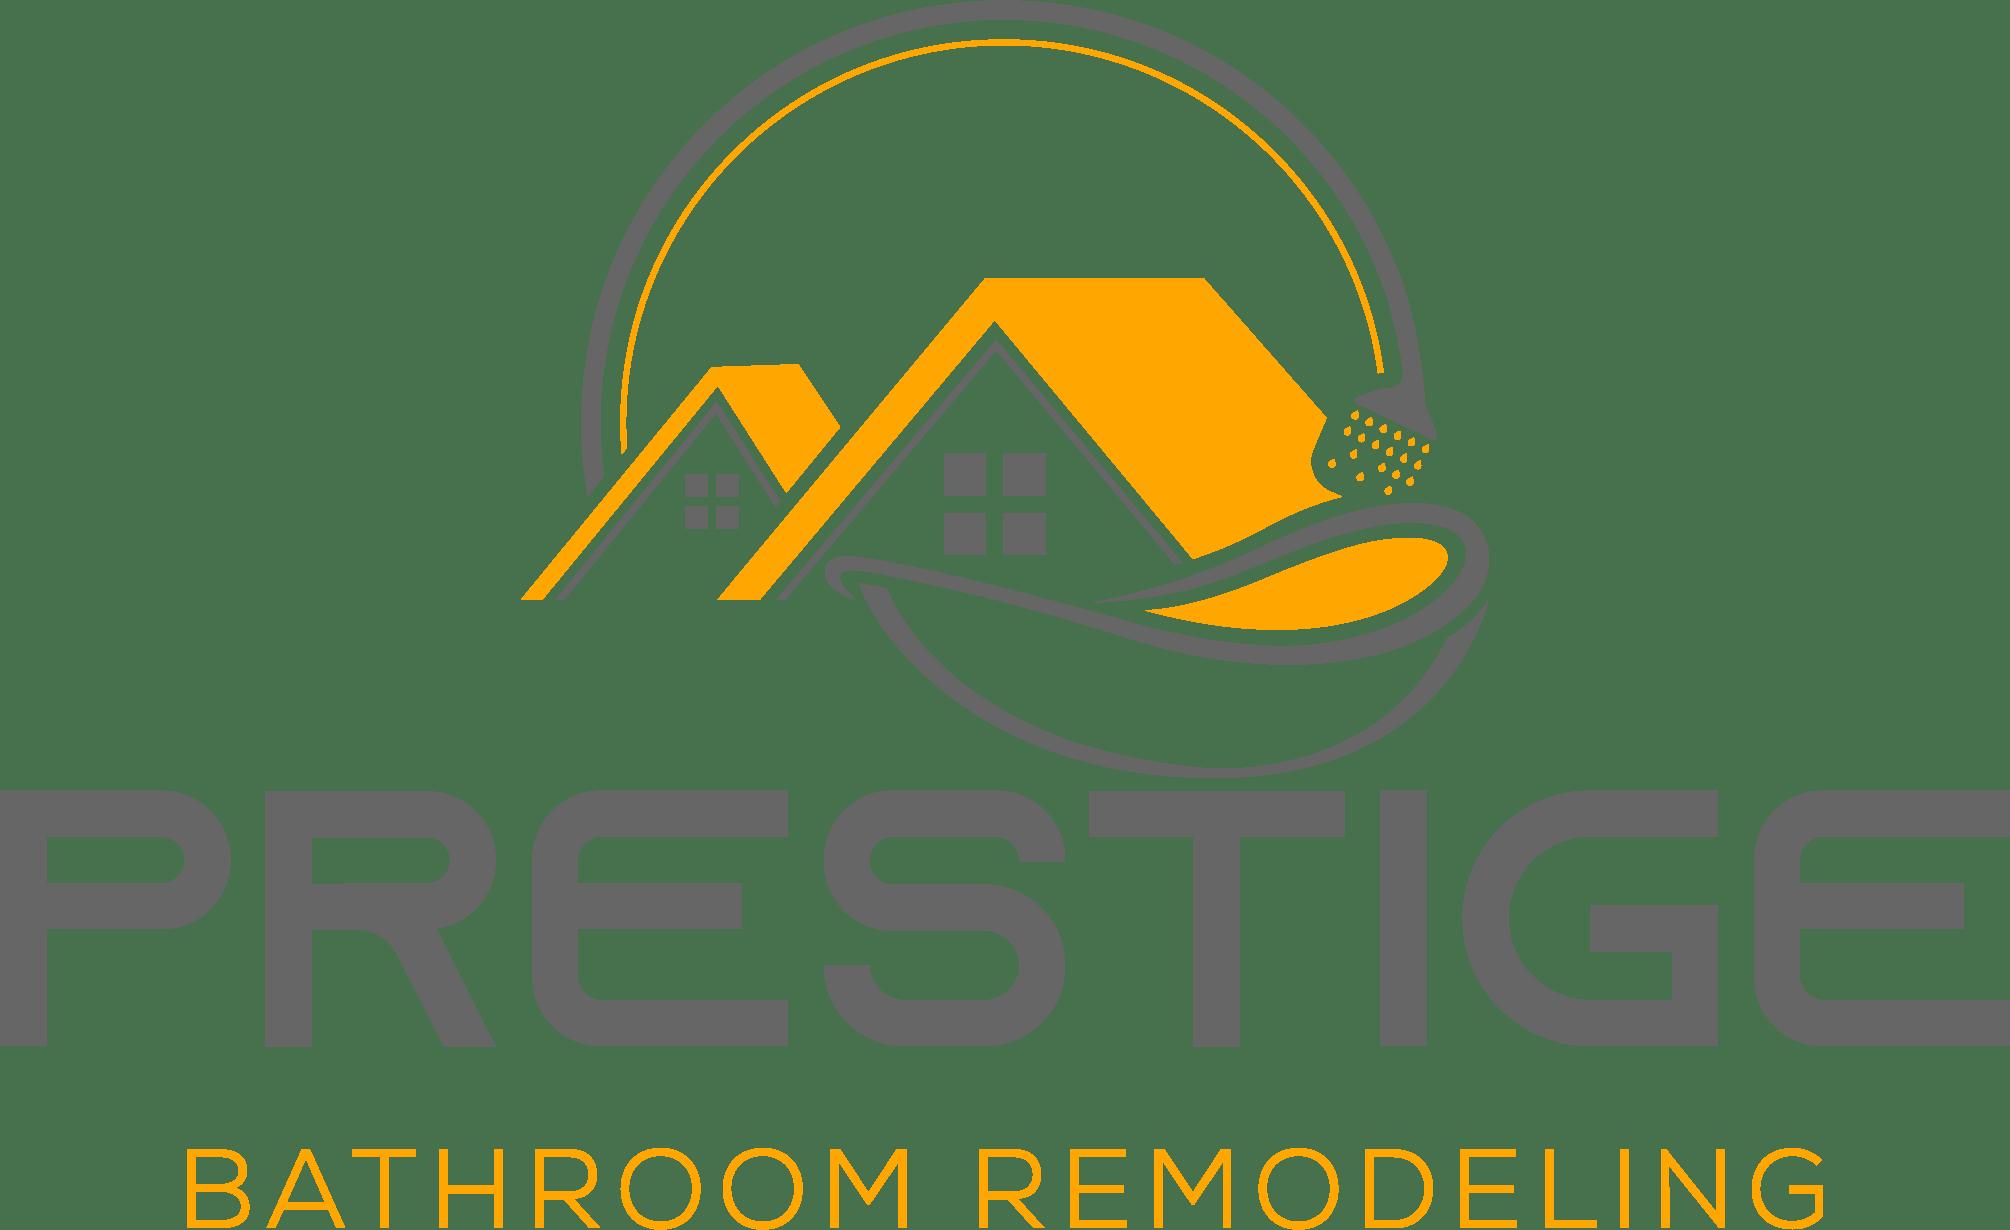 Screened Bathroom Remodeling Contractors